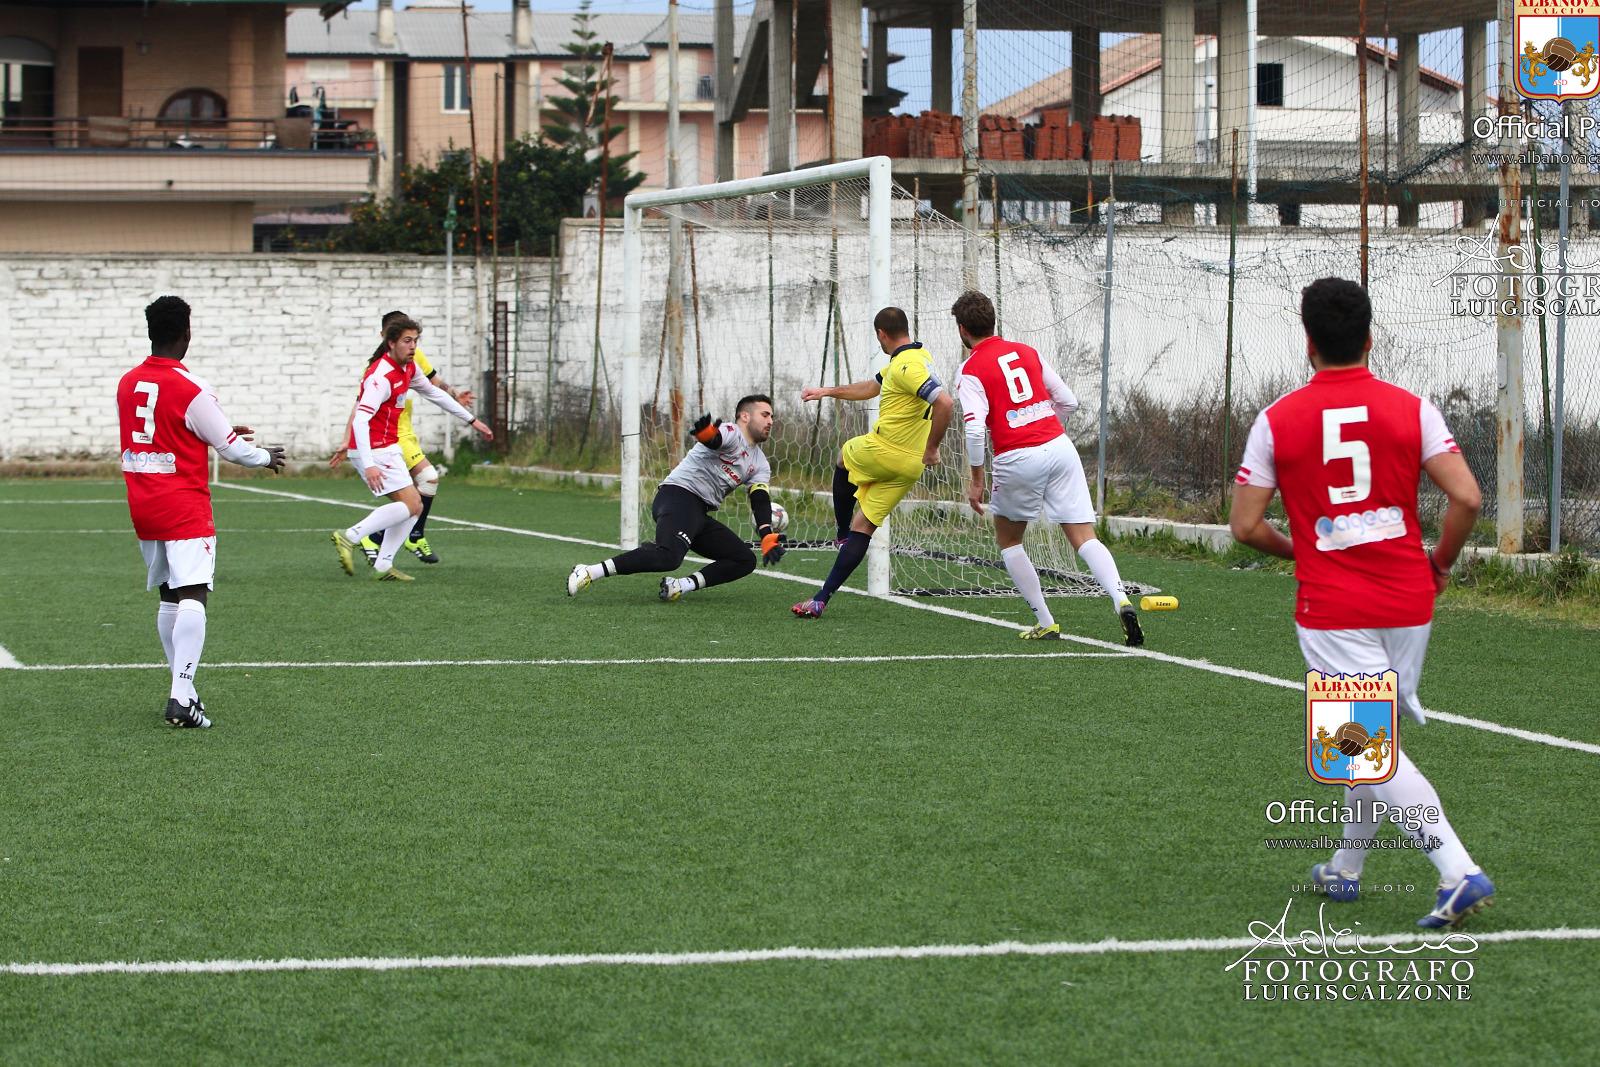 Promozione Girone D: presentazione 22ª giornata